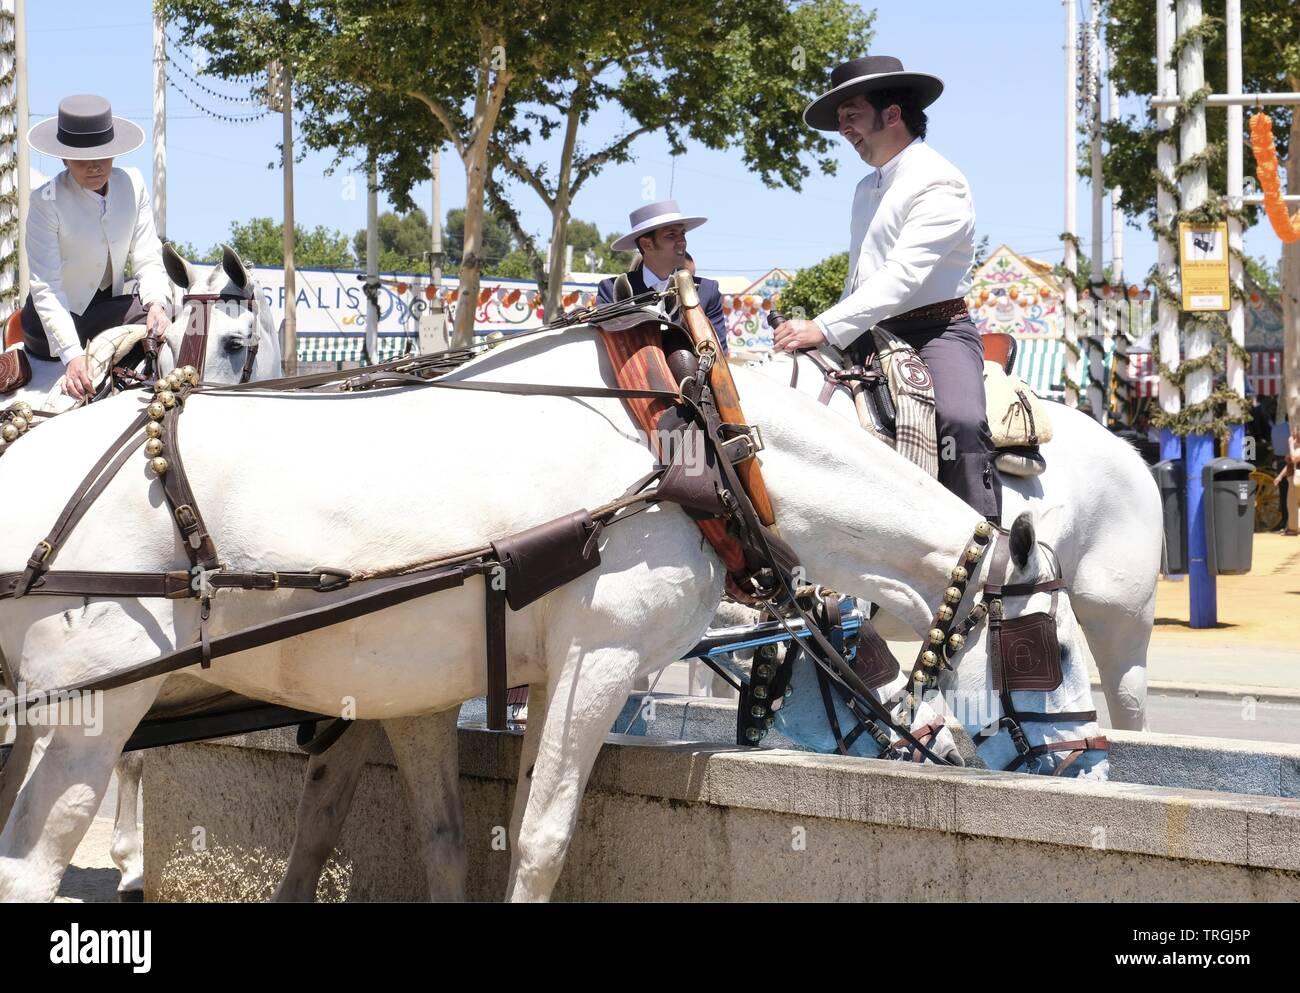 Seville Fair Stock Photo